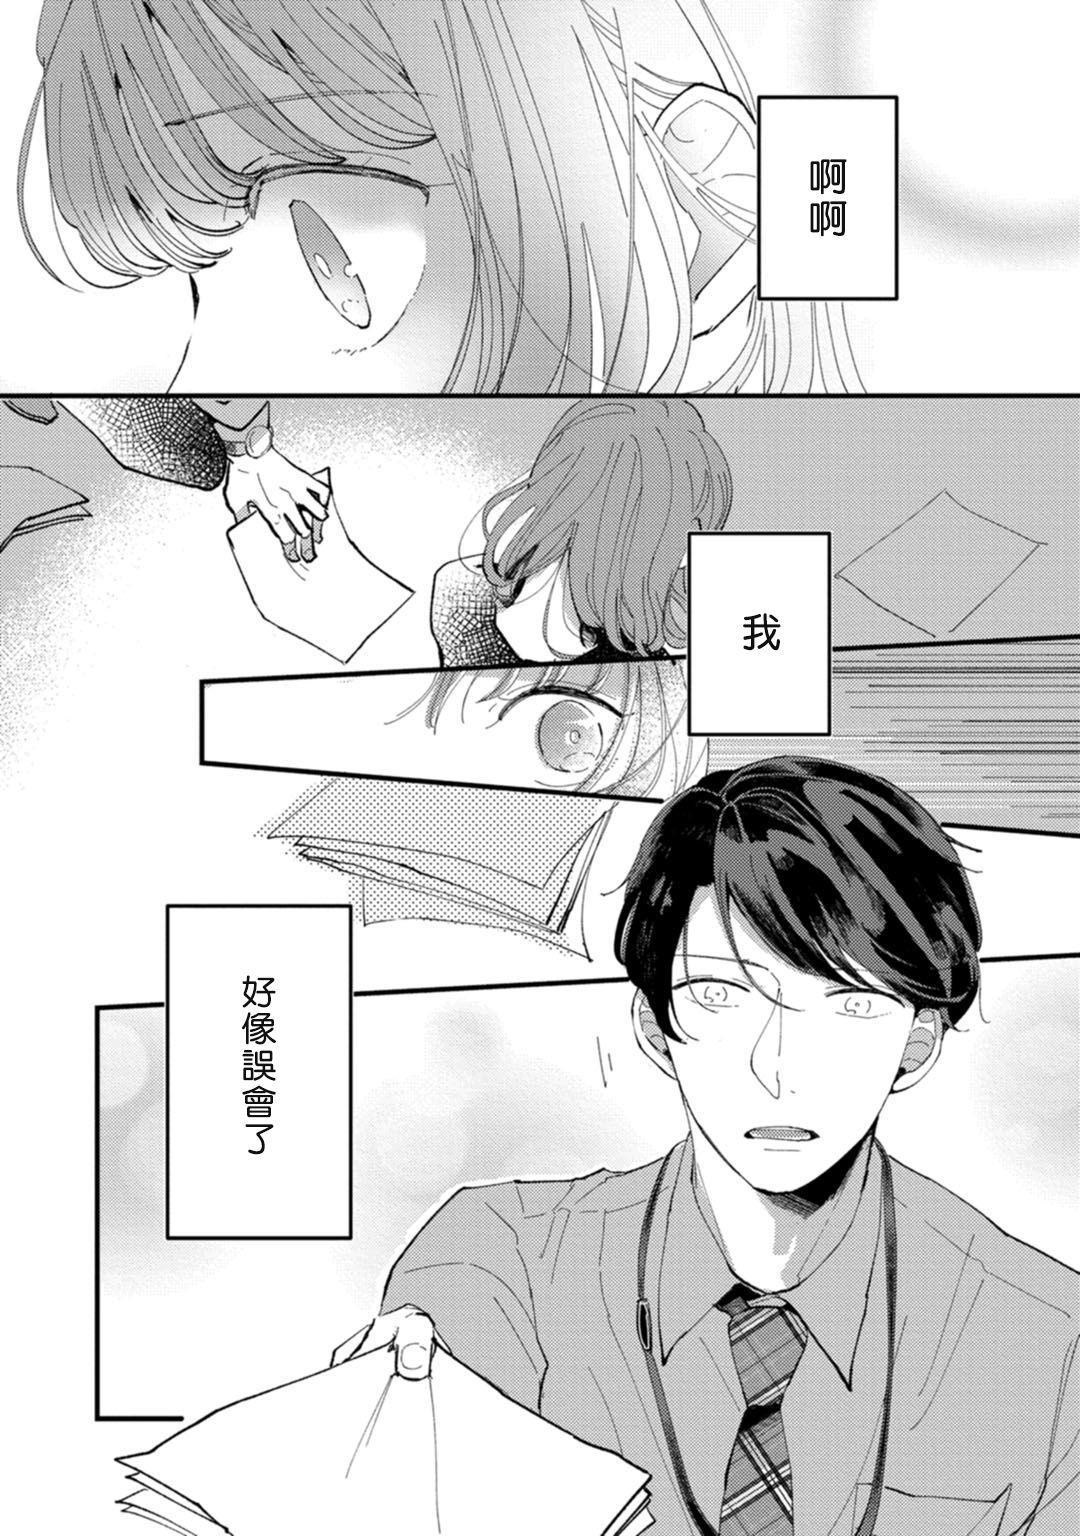 Watashiha Okazusenpai ni Taberaretai 26